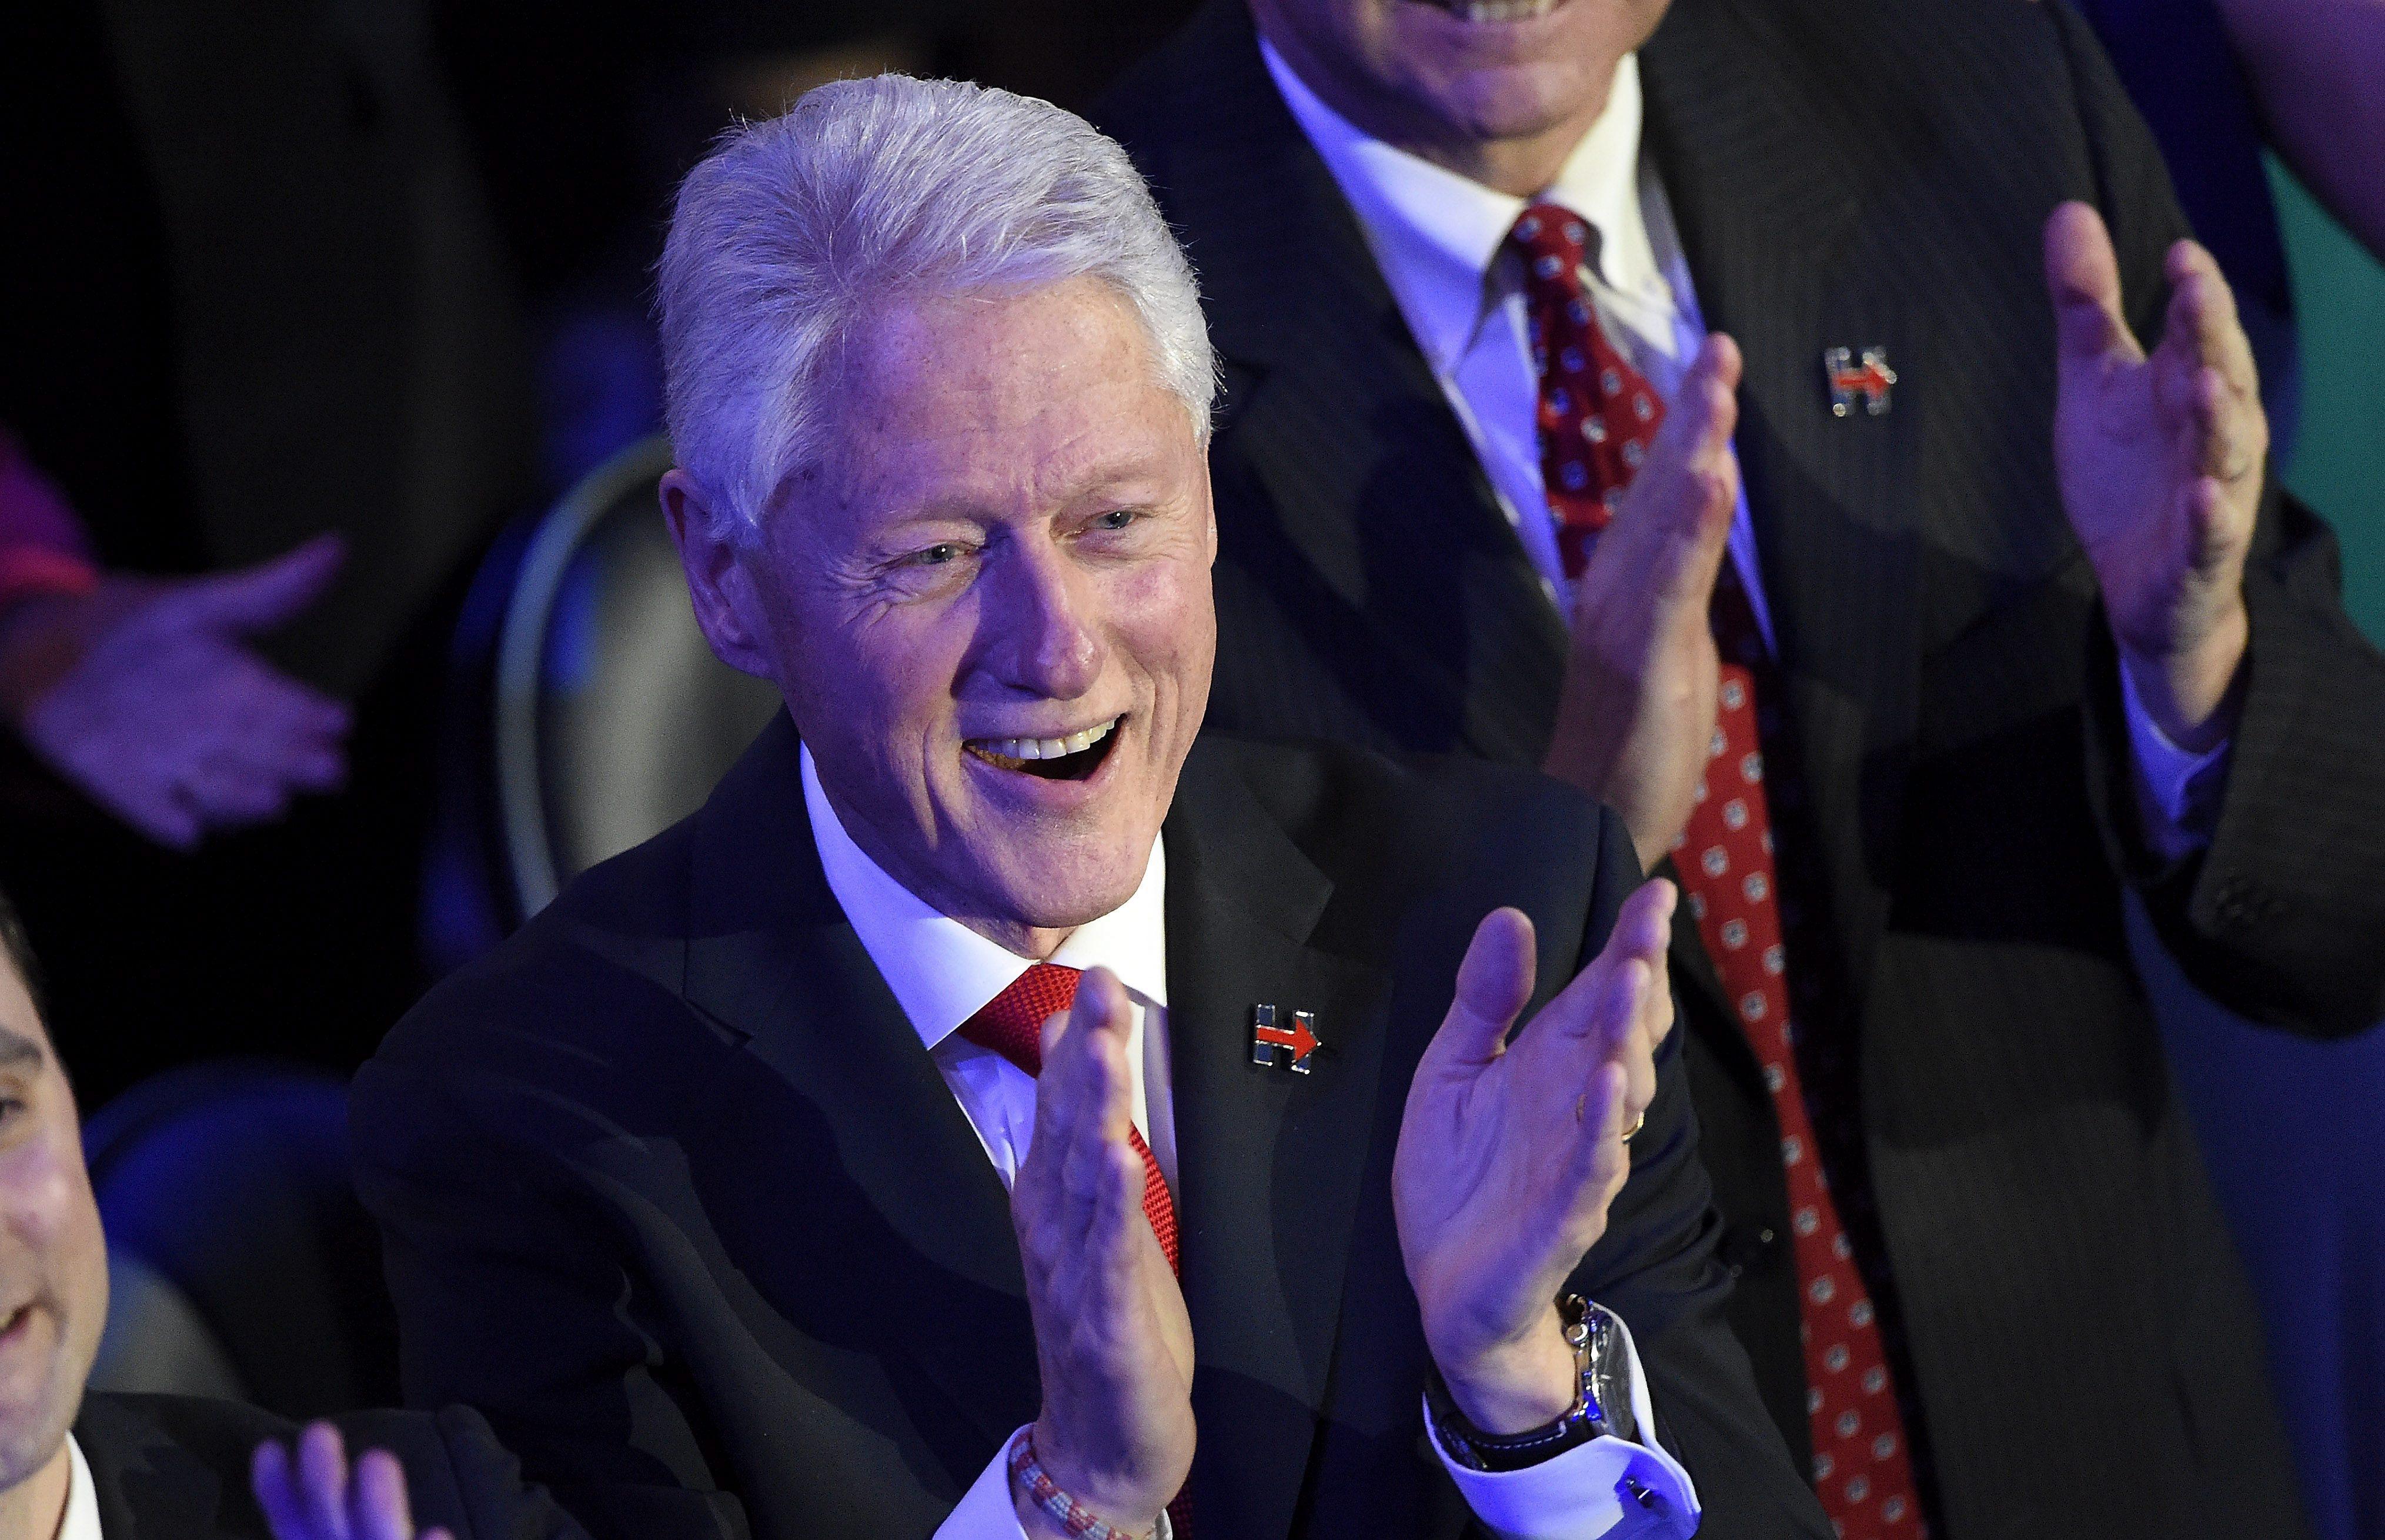 FIL01. FILADELFIA (ESTADOS UNIDOS), 28/072016.- El expresidente de Estados Unidos, Bill Clinton, aplaude durante el discurso de su hija Chelsea Clinton en el último día de la Convención Demócrata en el Wells Fargo Center en Filadelfia (Estados Unidos) hoy, jueves 28 de julio de 2016. Se espera que la Hillary Clinton acepte formalmente su nominación a la presidencia de Estados Unidos por el Partido Demócrata. EFE/TRACIE VAN AUKEN